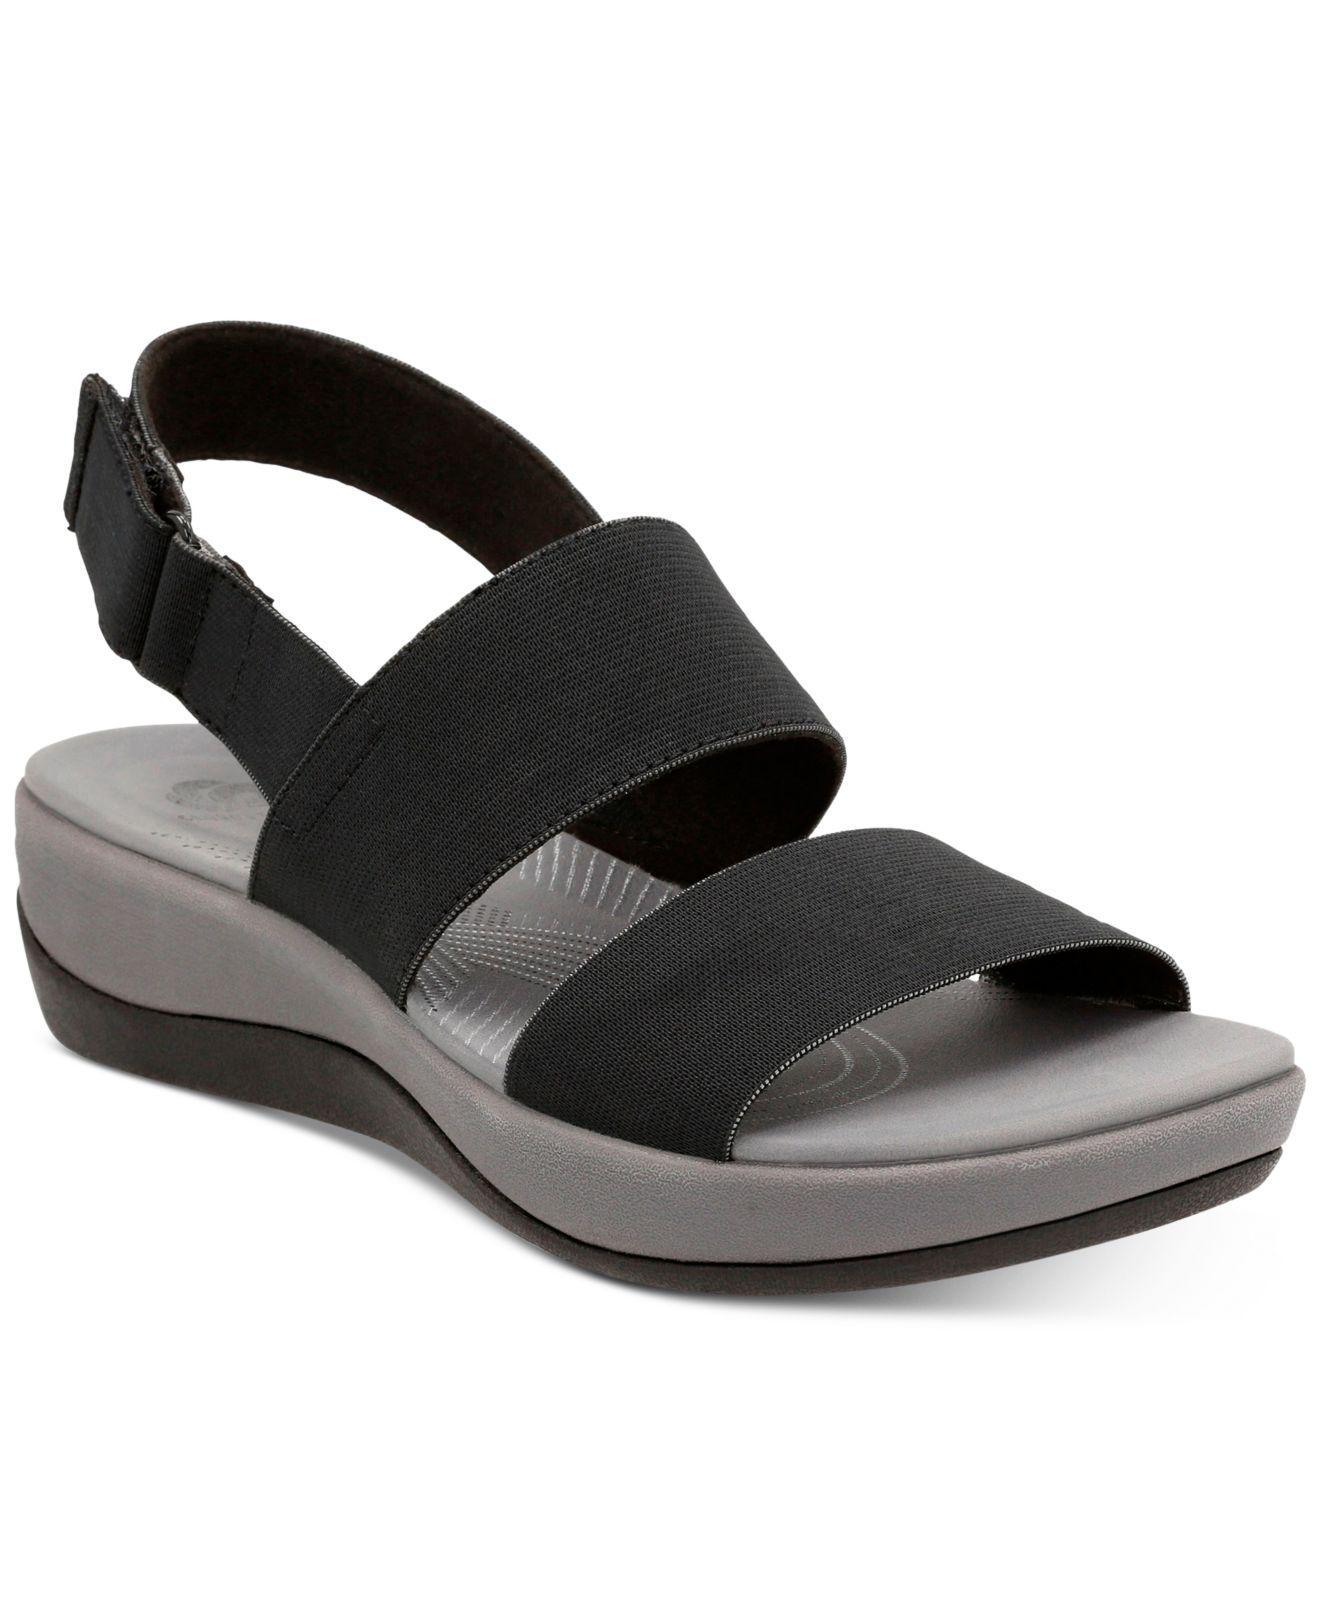 Clarks Women S Arla Jacory Flat Sandals In Black Lyst